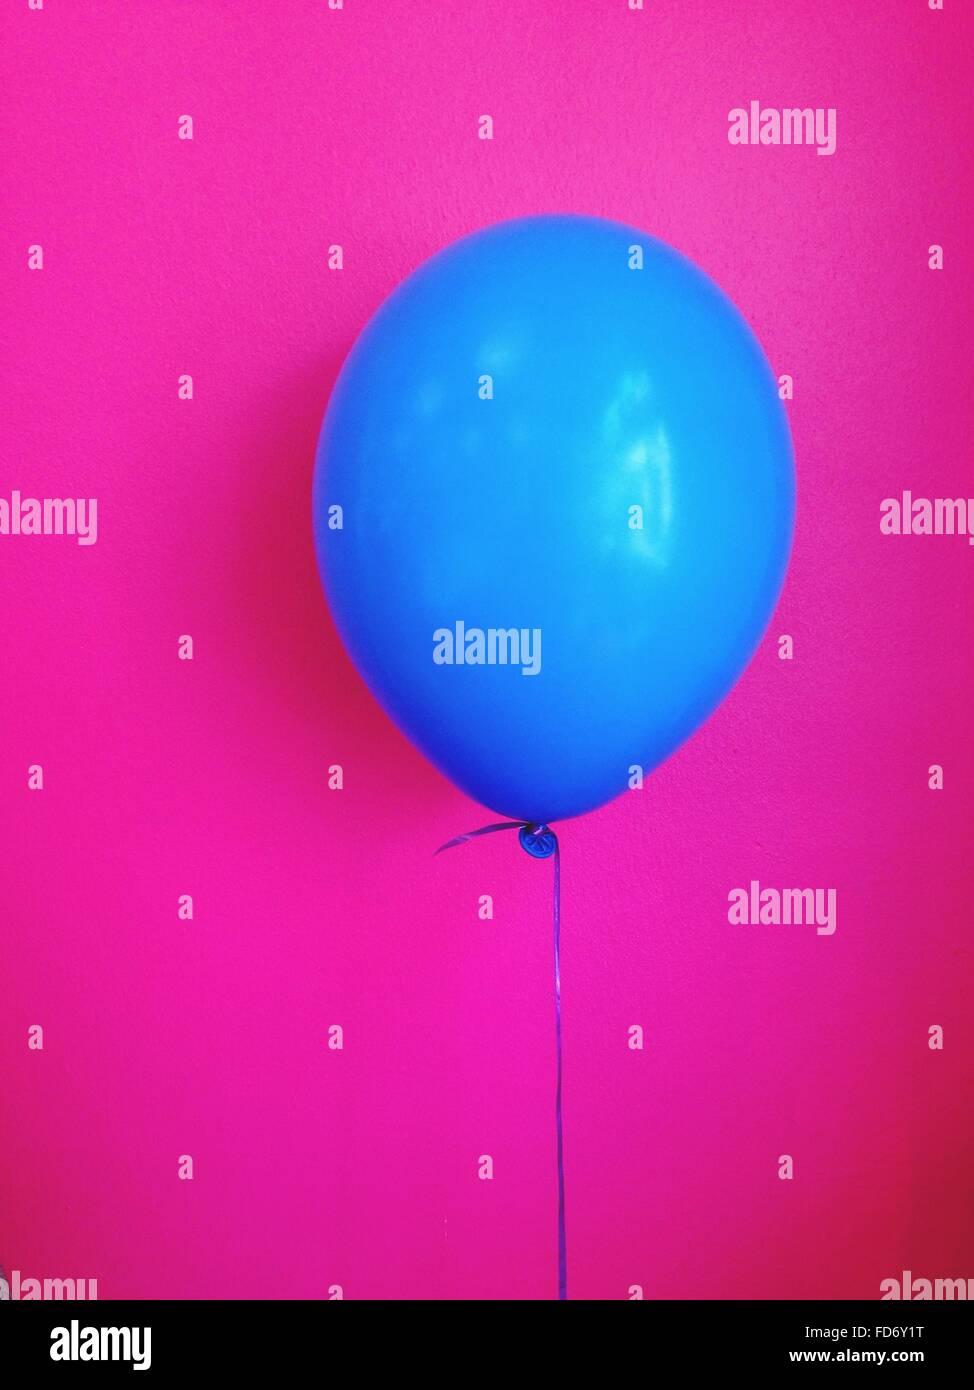 Portrait Of Balloon Photo Stock